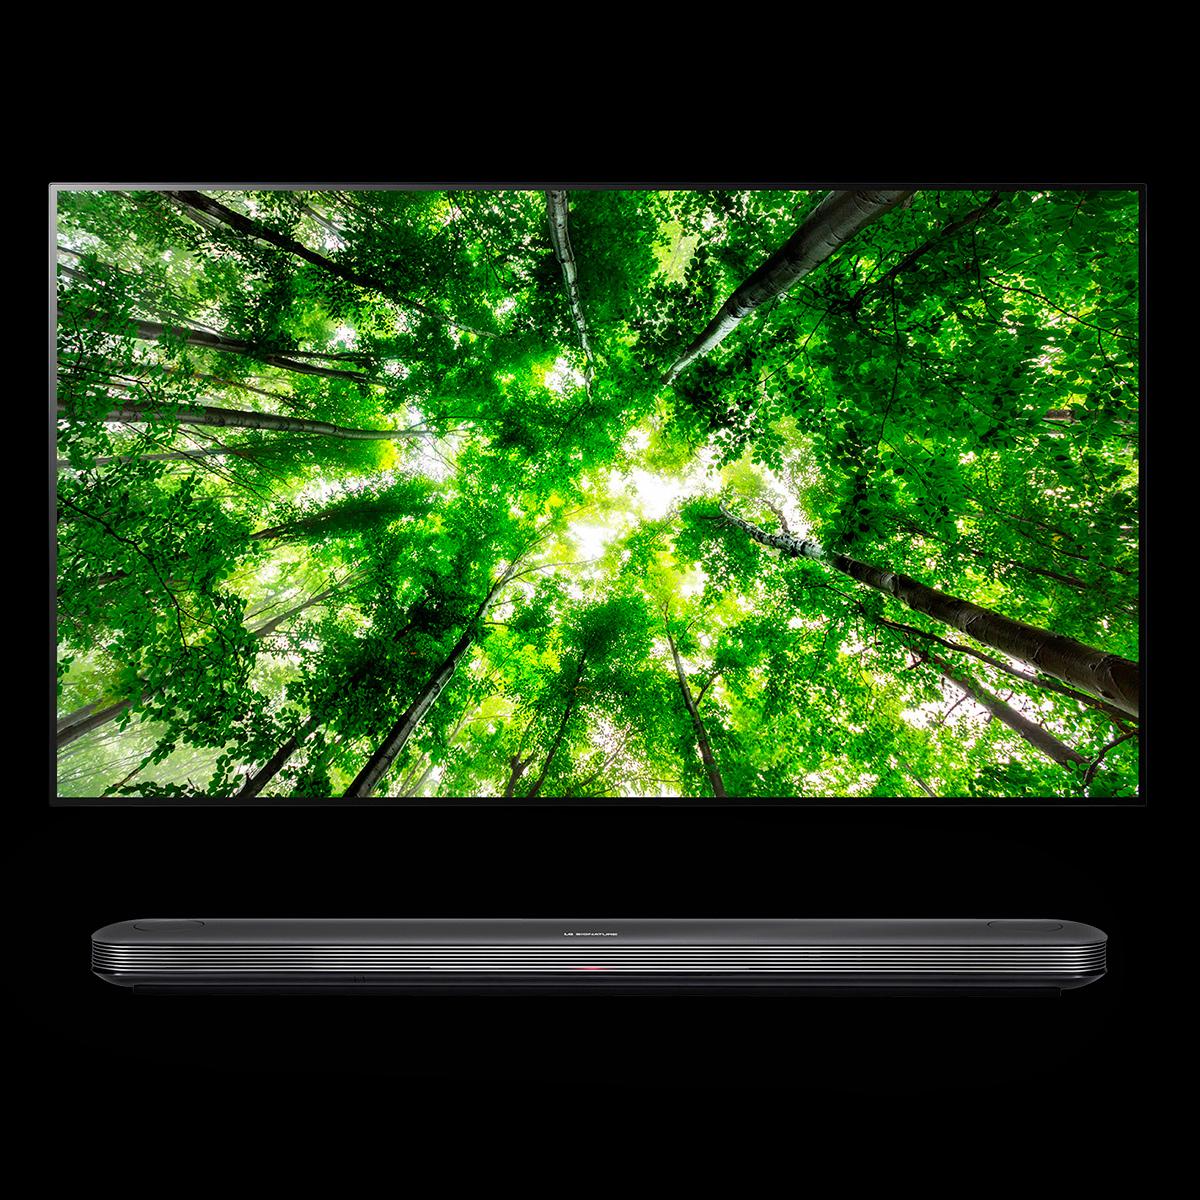 הגדול בדיוק למונדיאל: LG משיקה בישראל את סדרת הטלוויזיות החדשות שלה YS-42